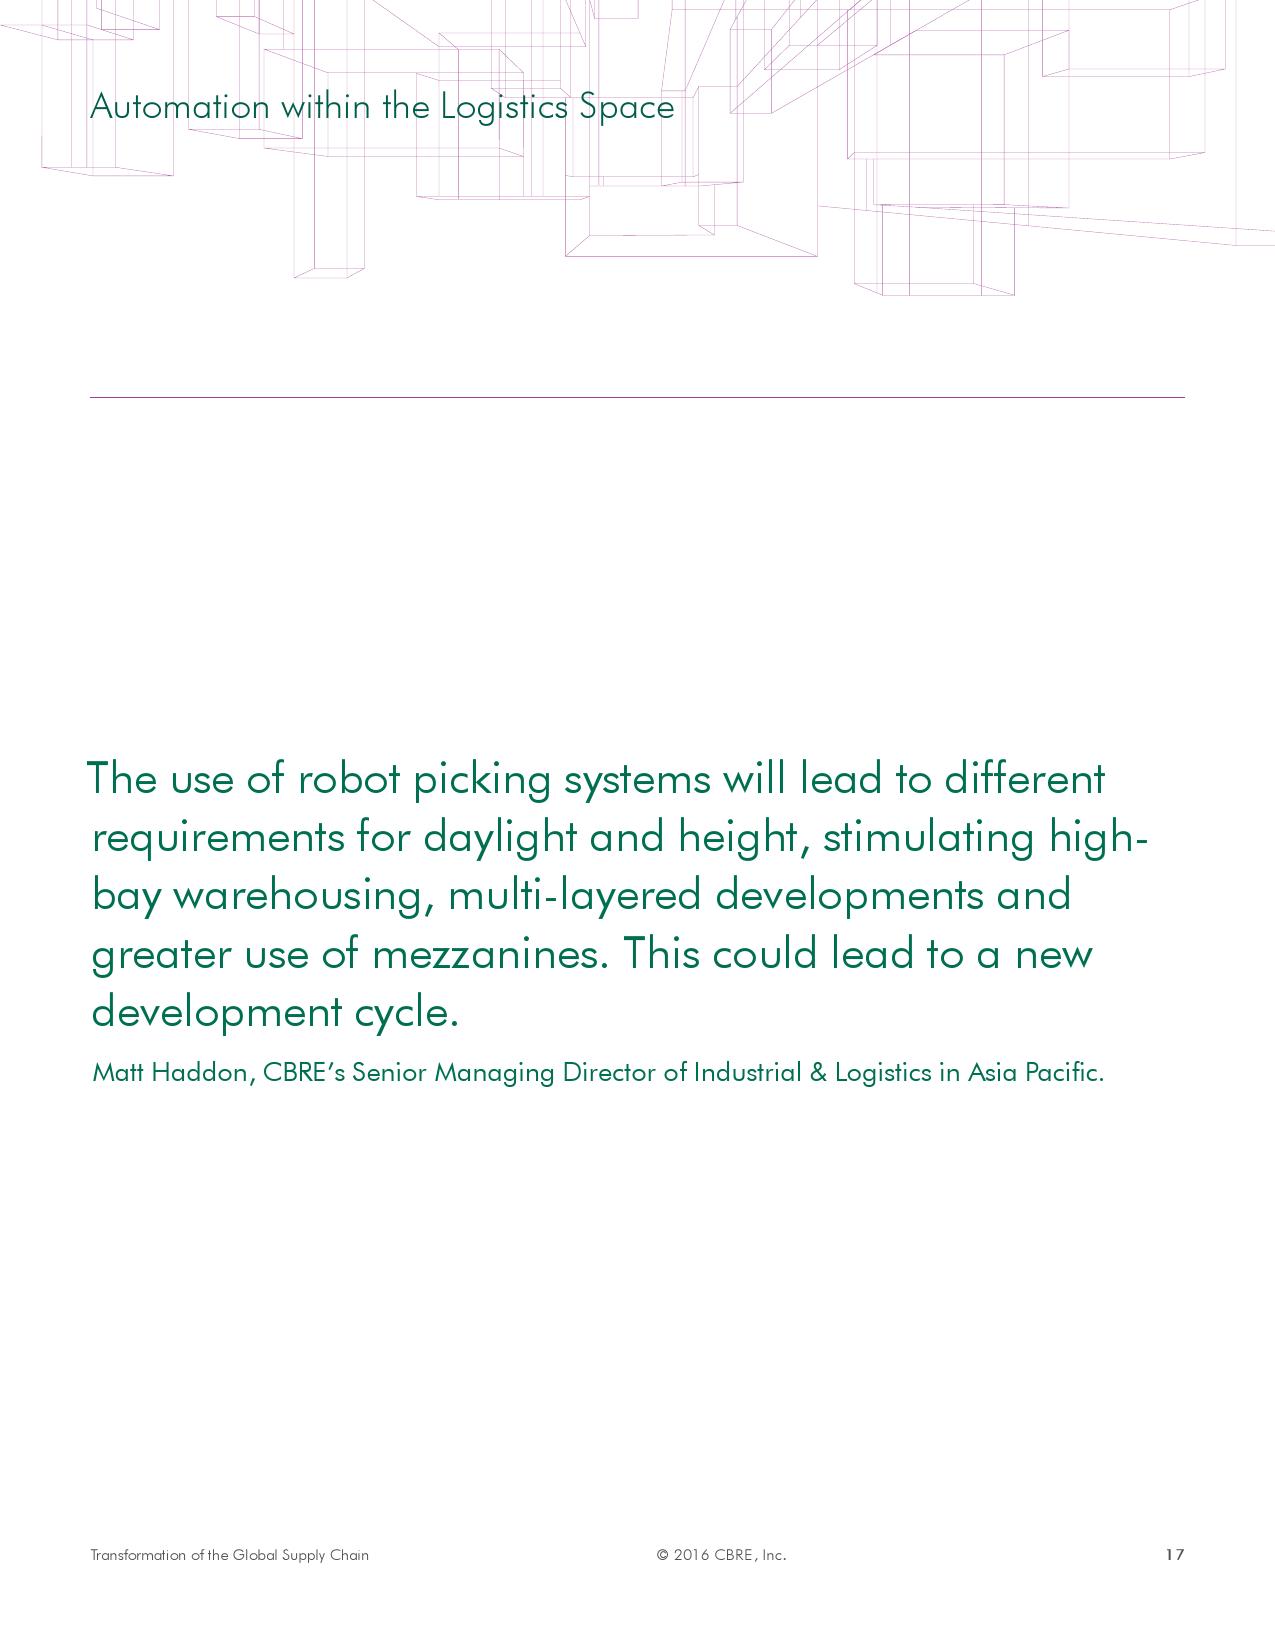 全球供应链升级-自动化技术驱动房地产变革_000017